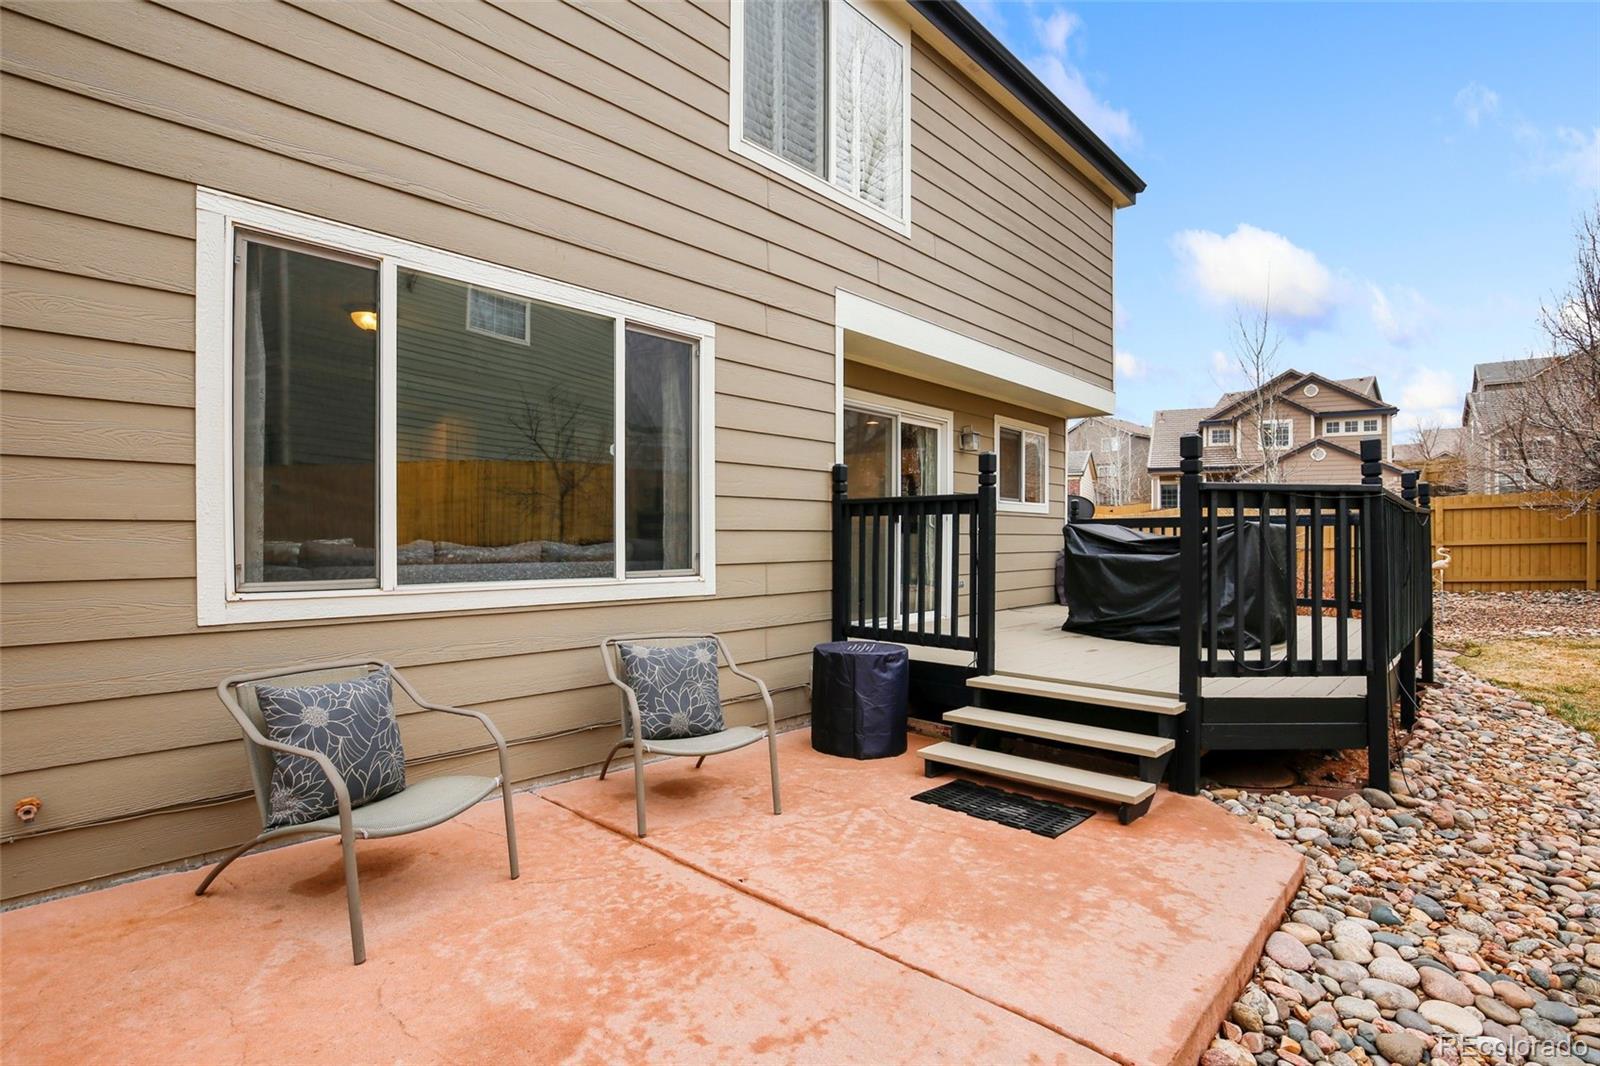 MLS# 7235158 - 35 - 3151 Huron Peak Avenue, Superior, CO 80027